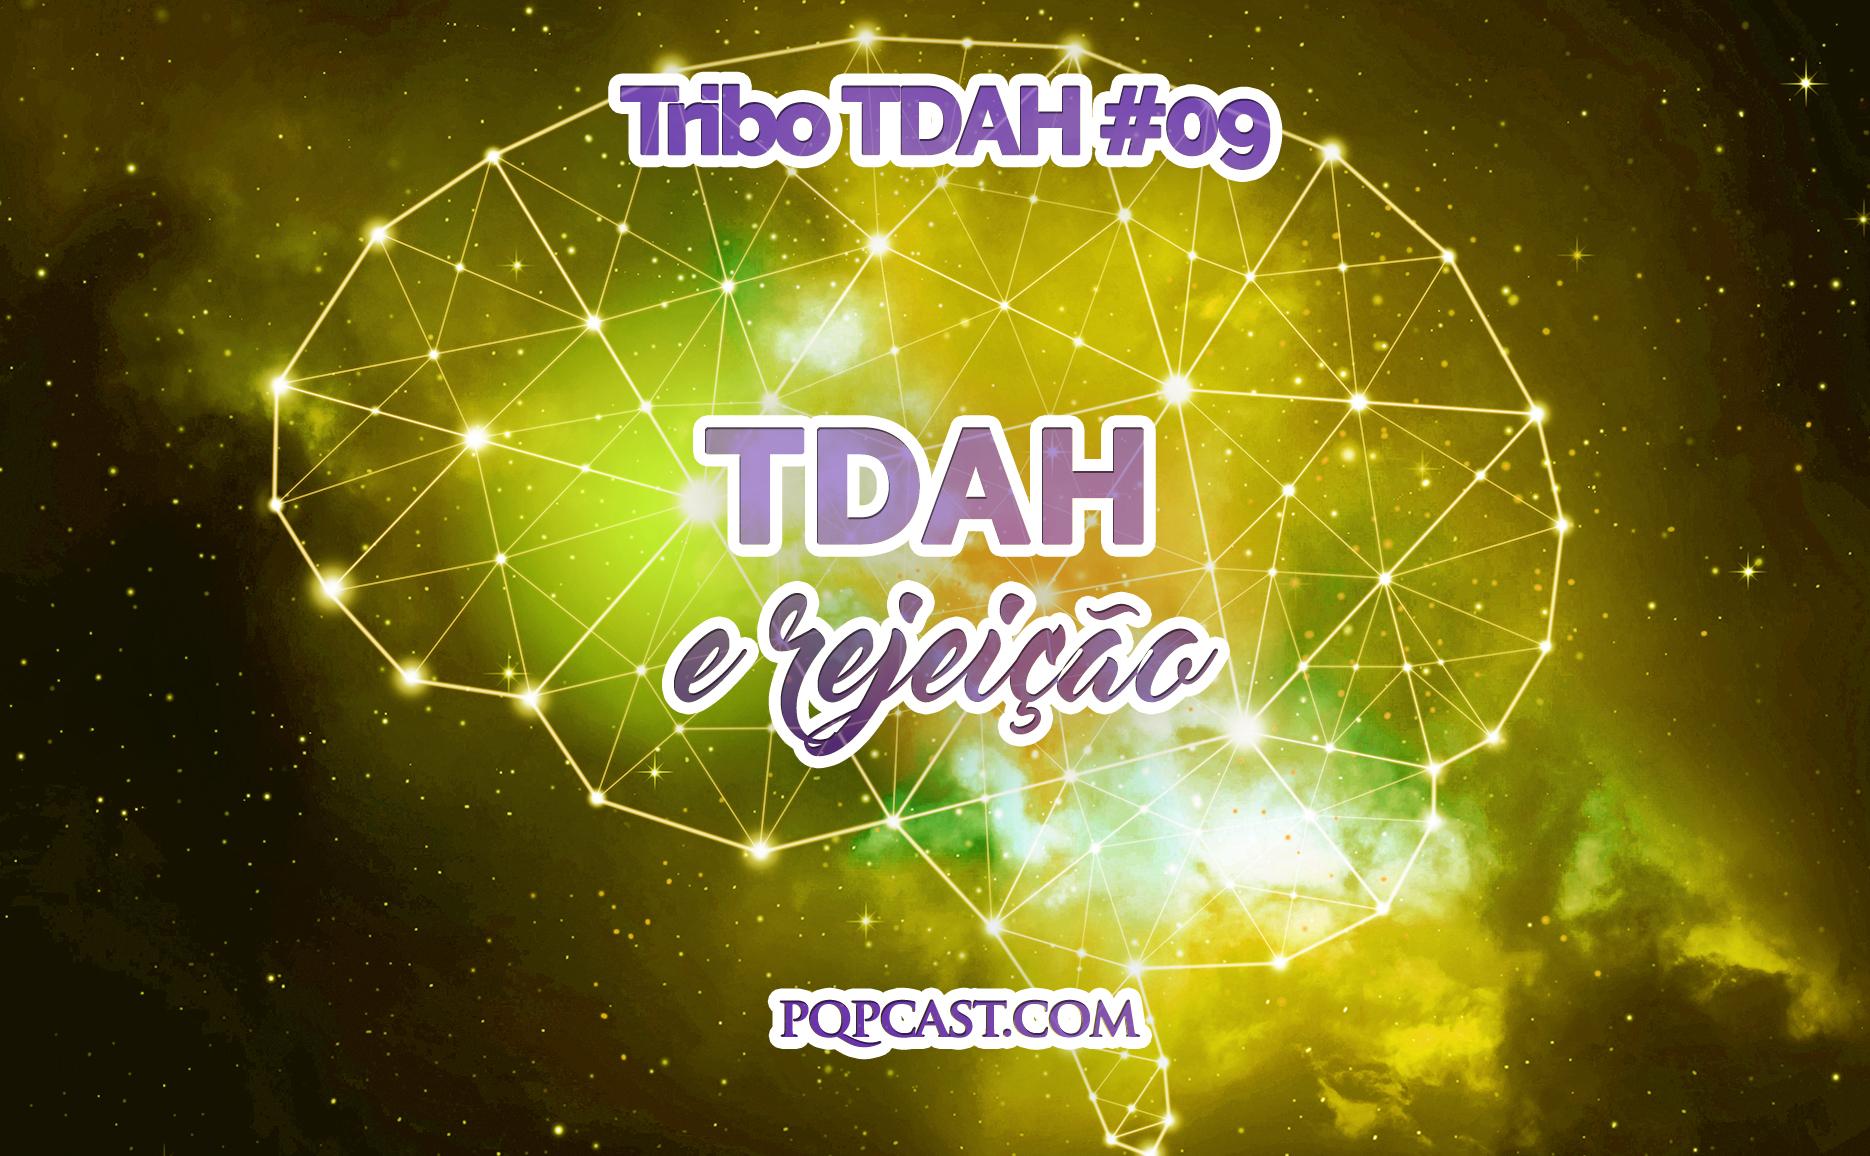 Tribo TDAH #09 - TDAH e rejeição.jpg